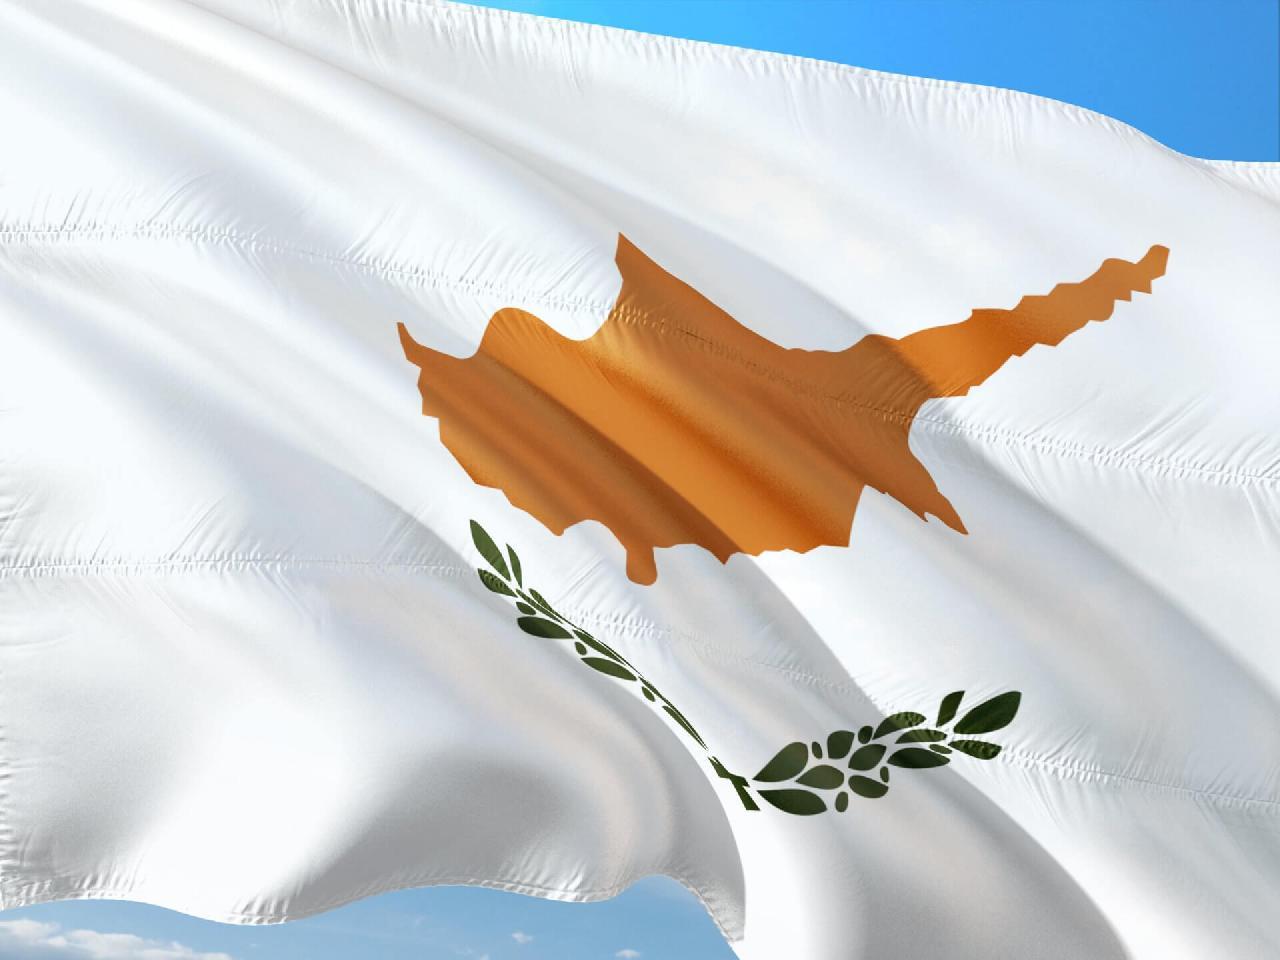 Zypern-aktualisiert-die-Einreisebestimmungen-f-r-diejenigen-die-aus-Island-und-Malta-kommen-inmitten-von-COVID-19